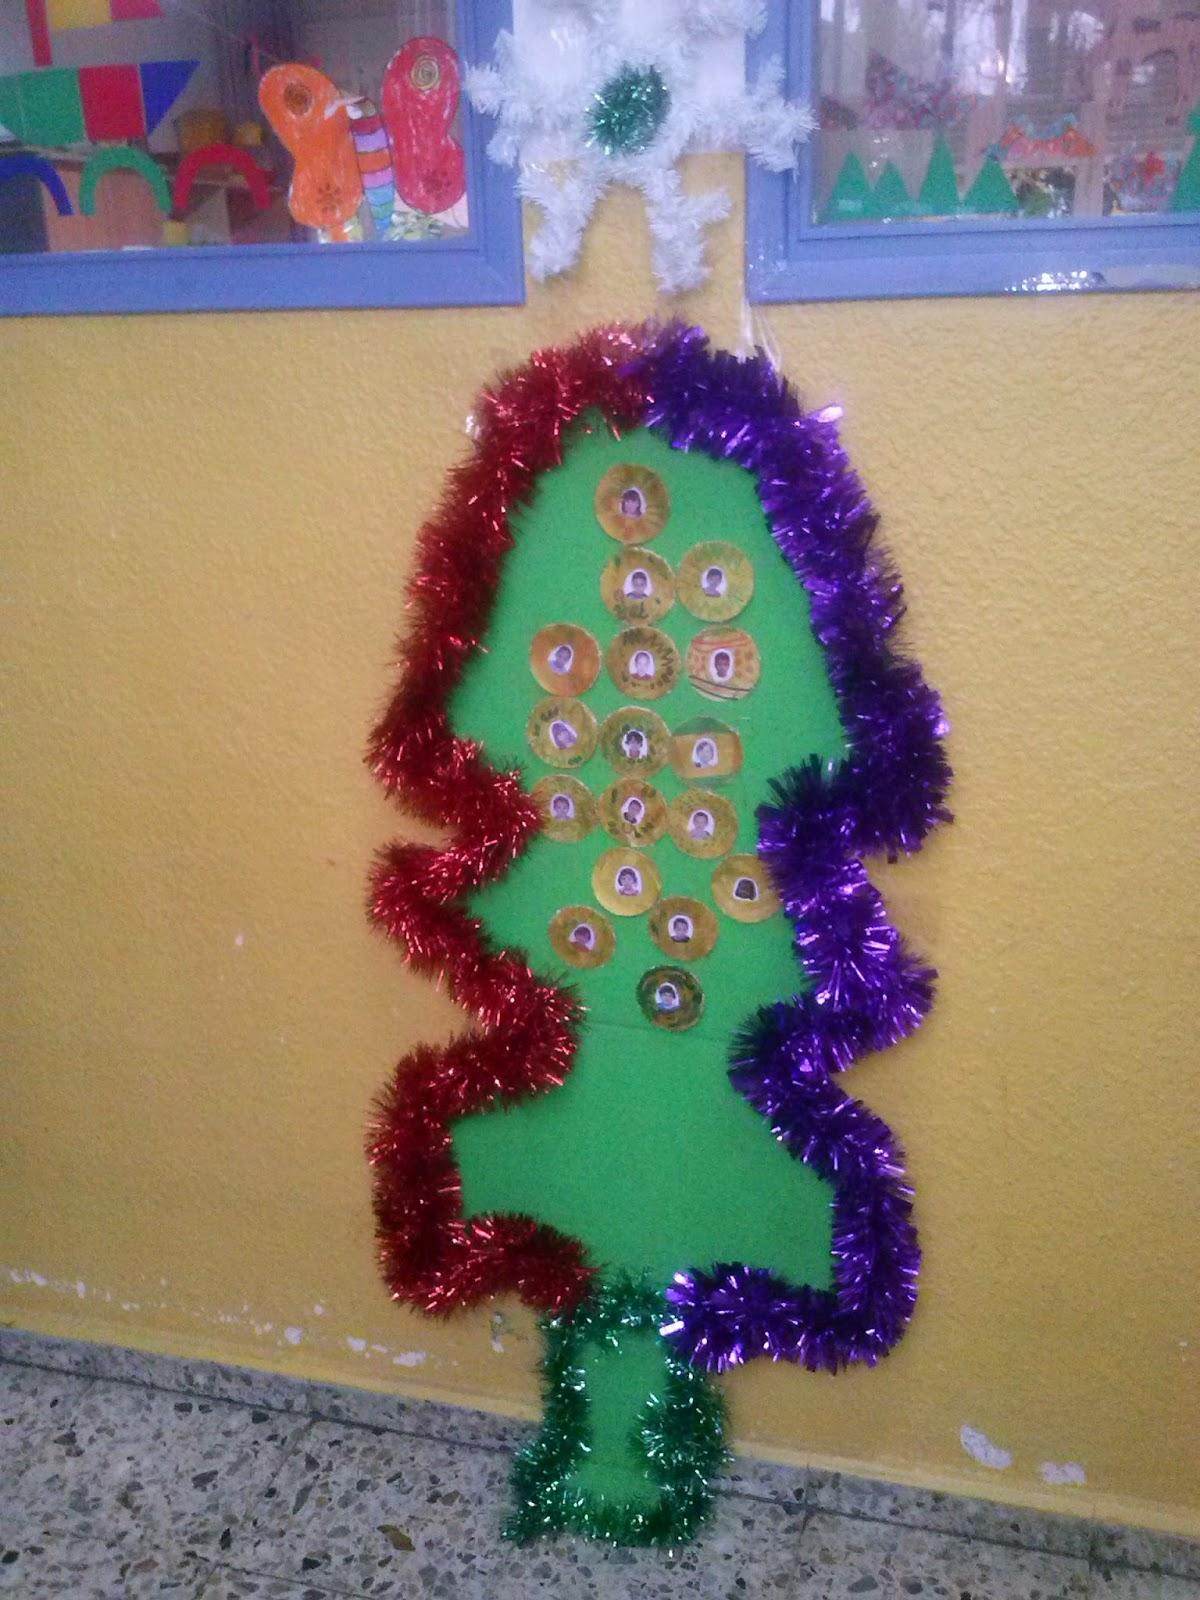 Raquel infantil nuestro arbol de navidad - Arbol navidad barato ...